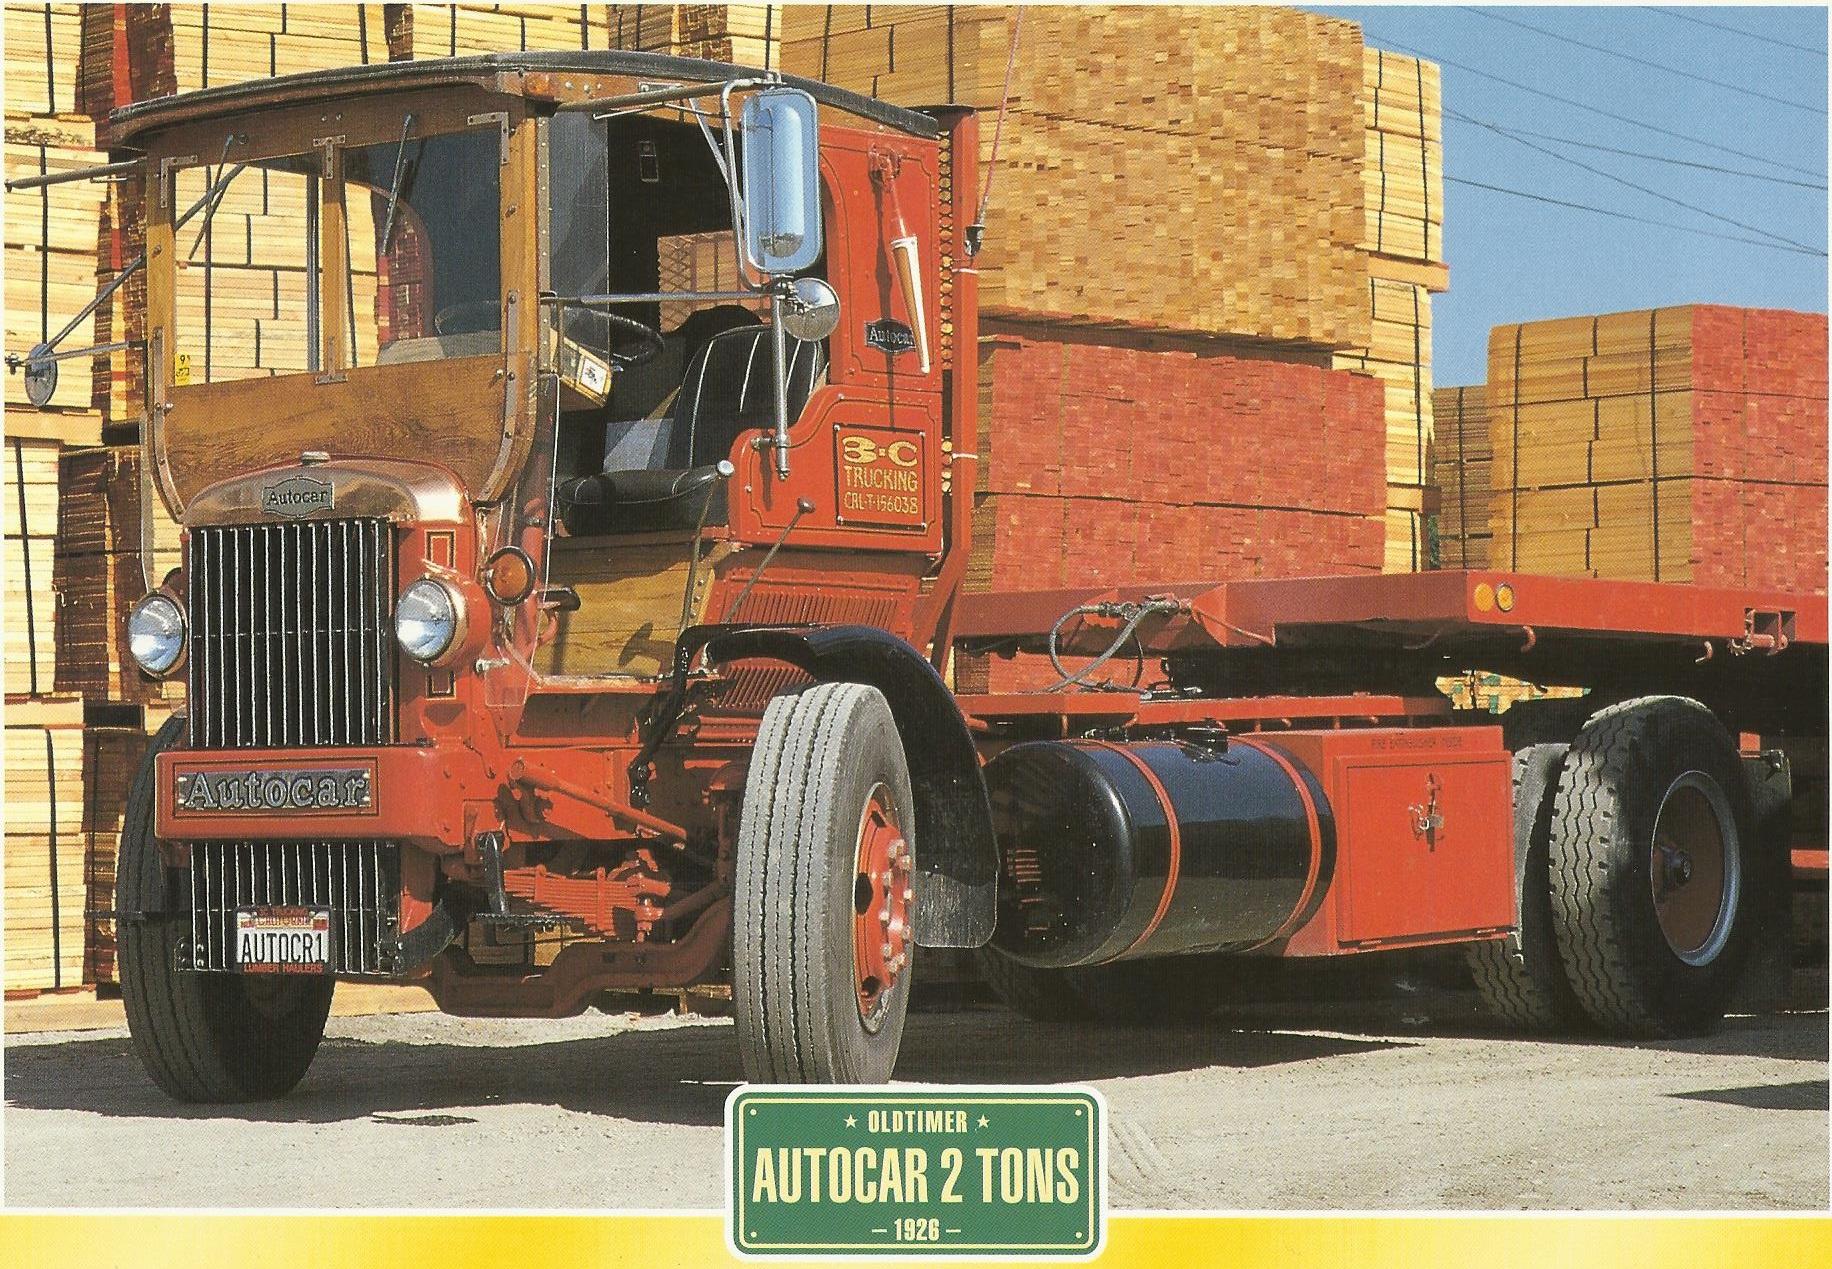 AUTOCAR-Ronny-Billiauw-archief-2